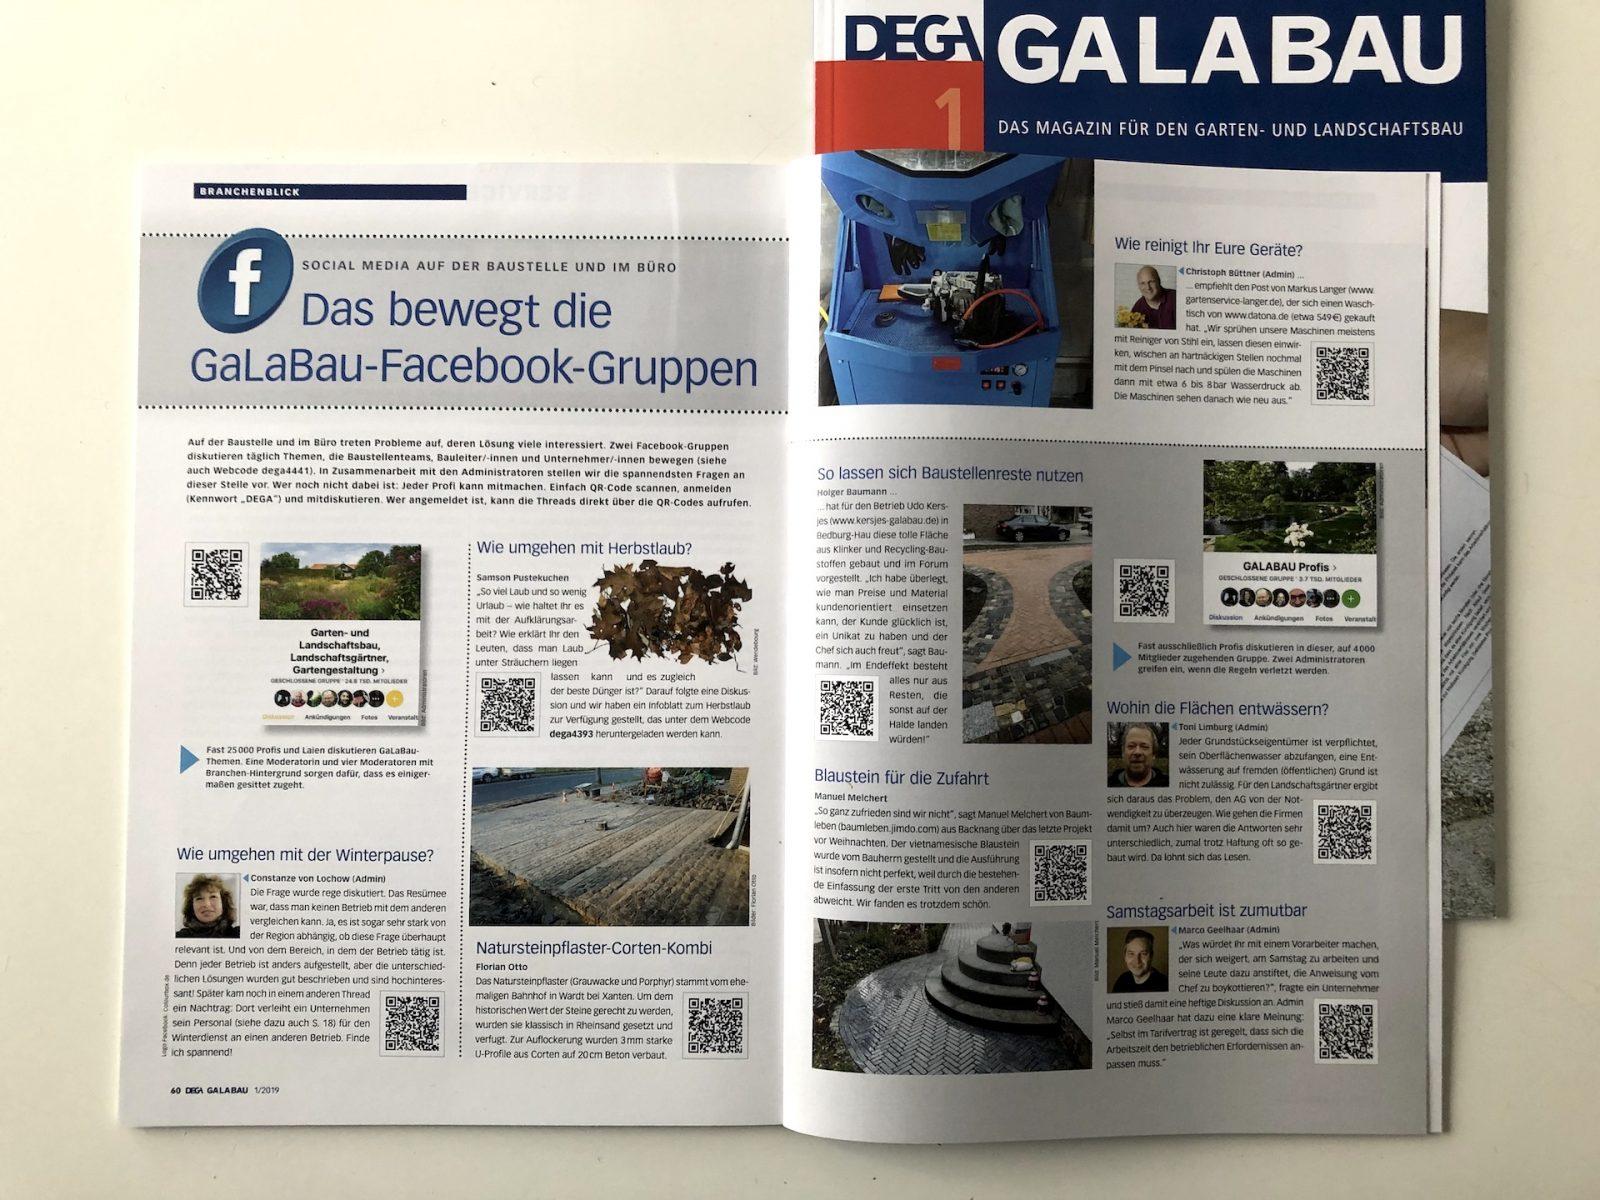 Galabau fachzeitschrift verbindet social media und print img 4473